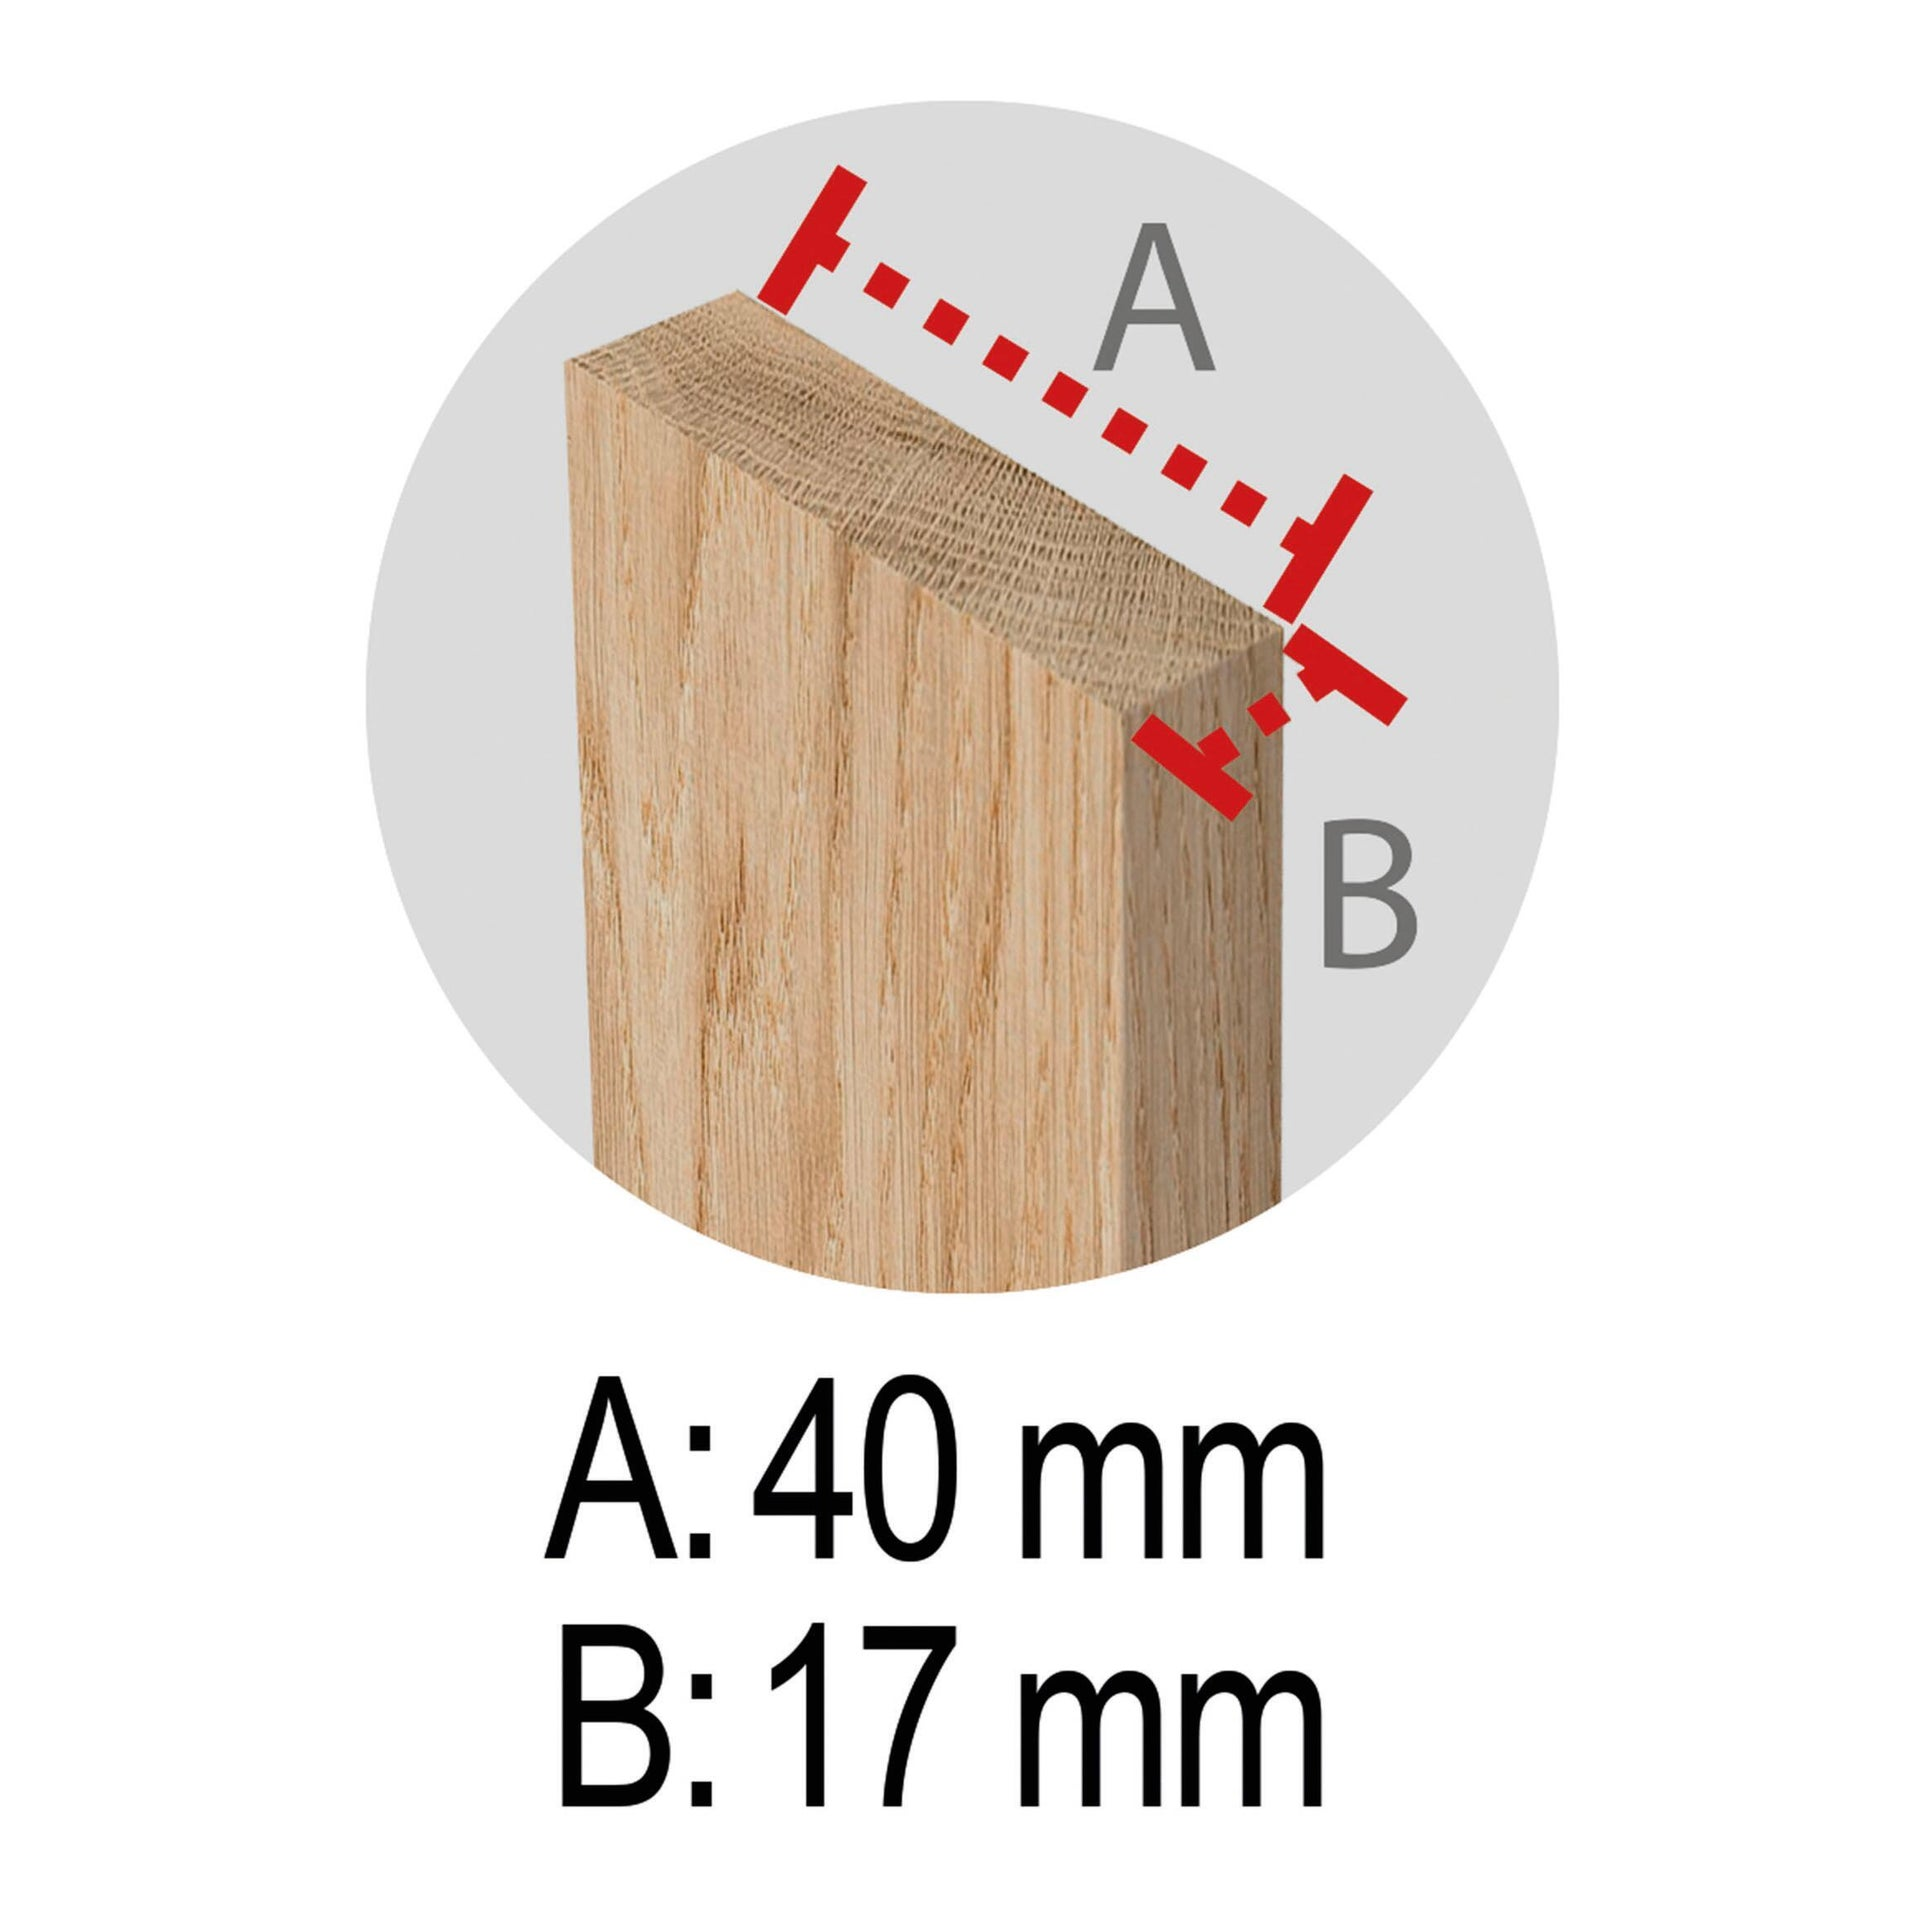 Cavalletto in pino Standard L 73.5 x P 73.5 x H 74 cm legno naturale - 11